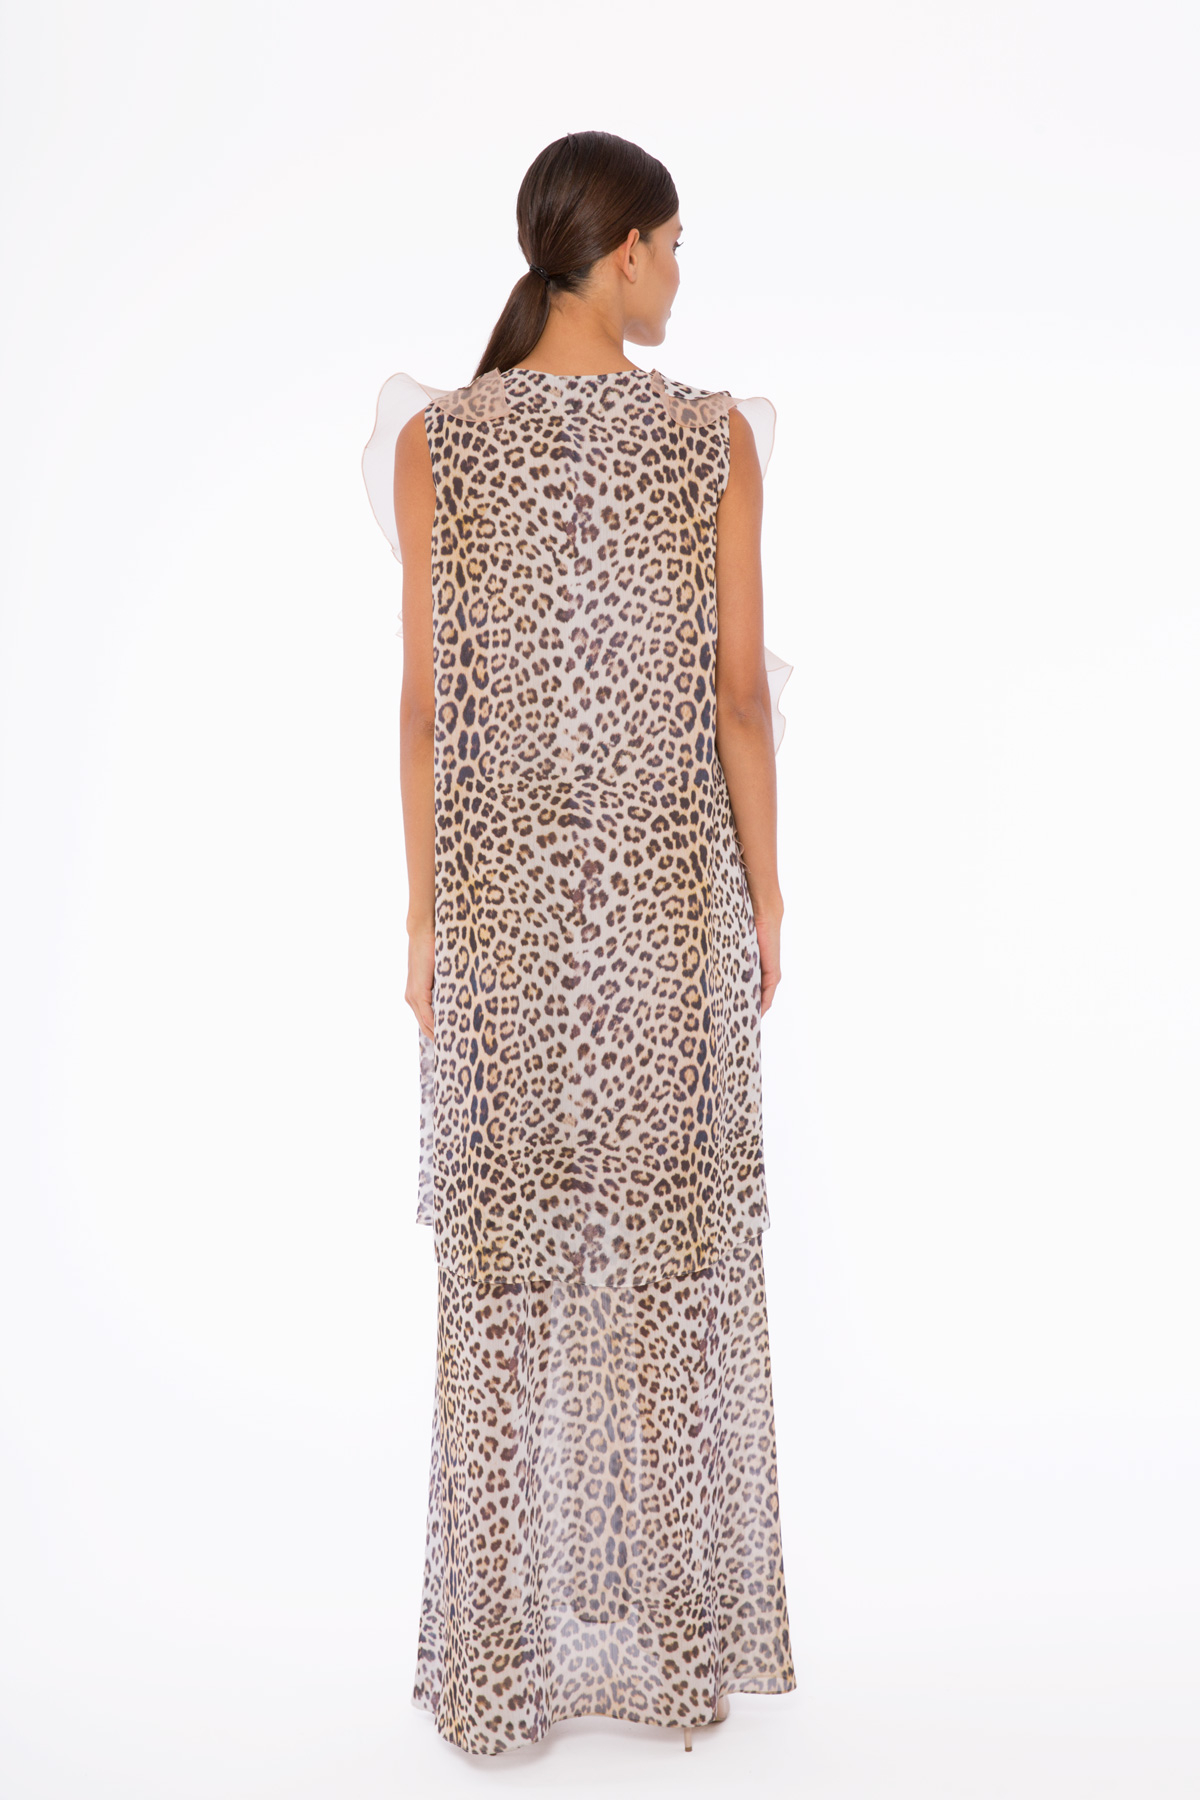 Boncuk Ve Taş İşlemeli, Organze Volan Detaylı, Katlı Leopar Şifon Elbise